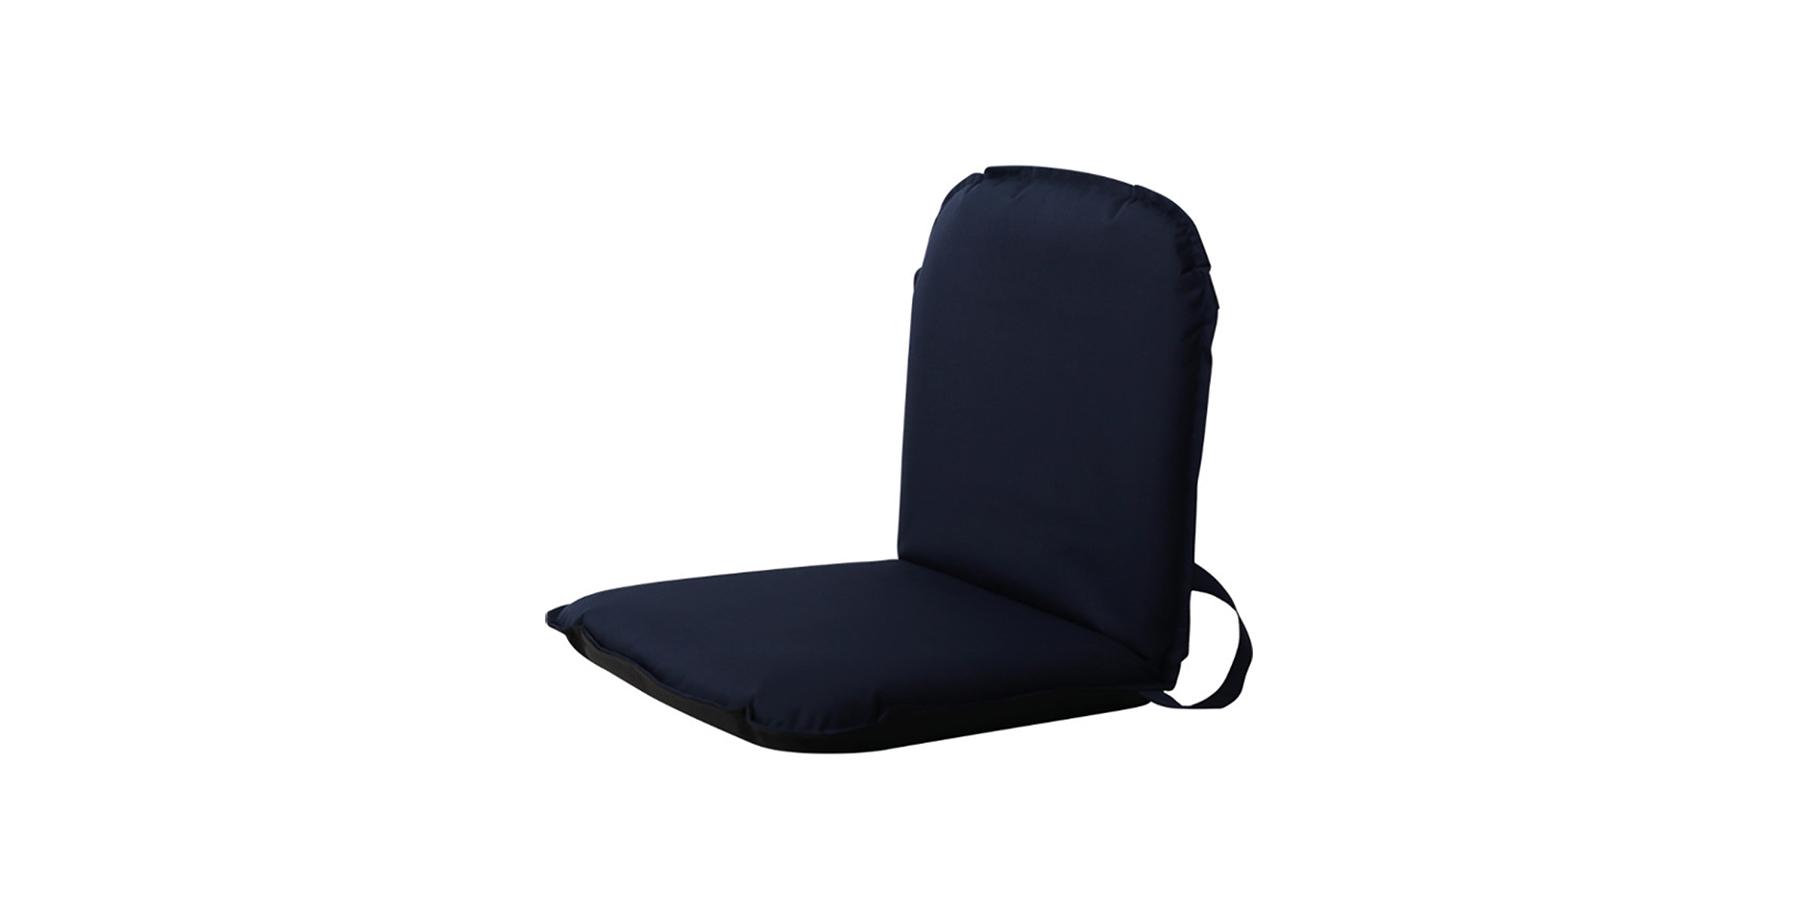 Kampanje på marine blå Comfy sittepute til kun 299,-kr